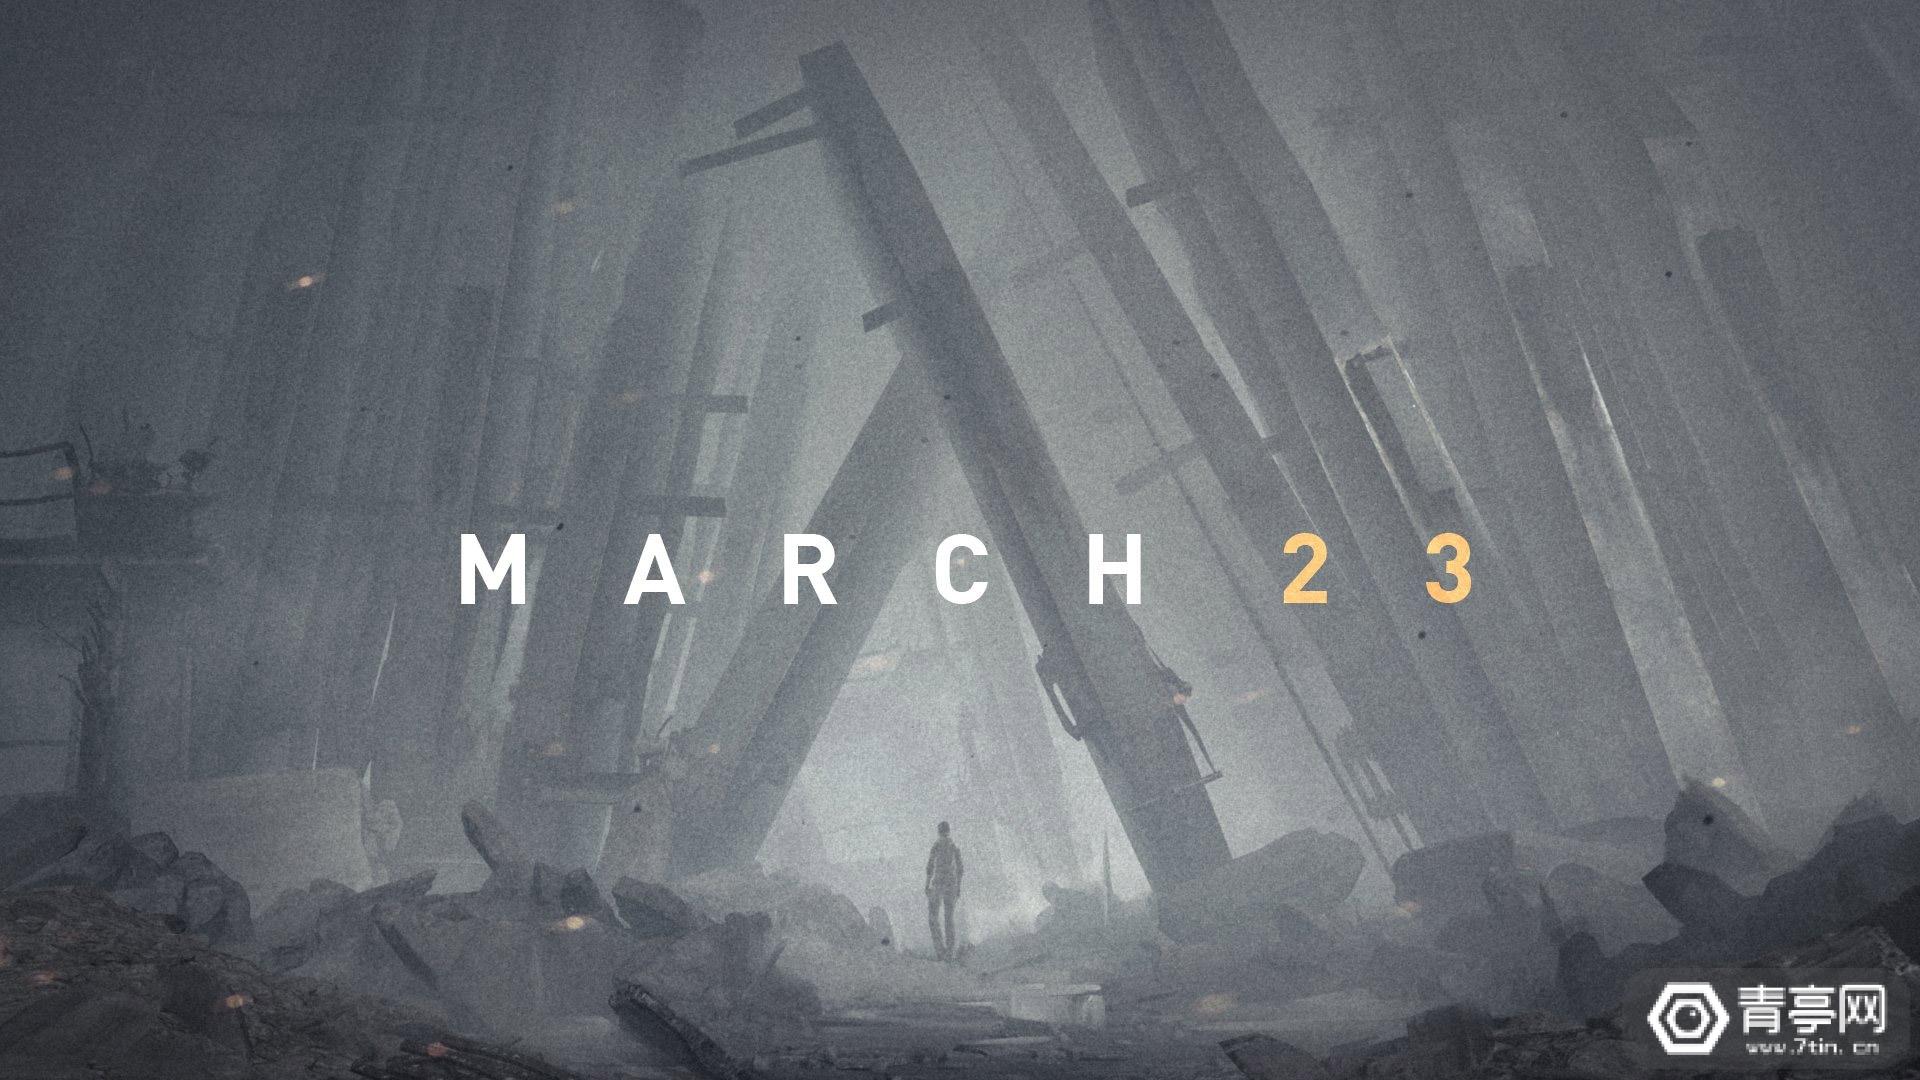 重磅VR游戏《Half-Life:Alyx》定于3月23日上线